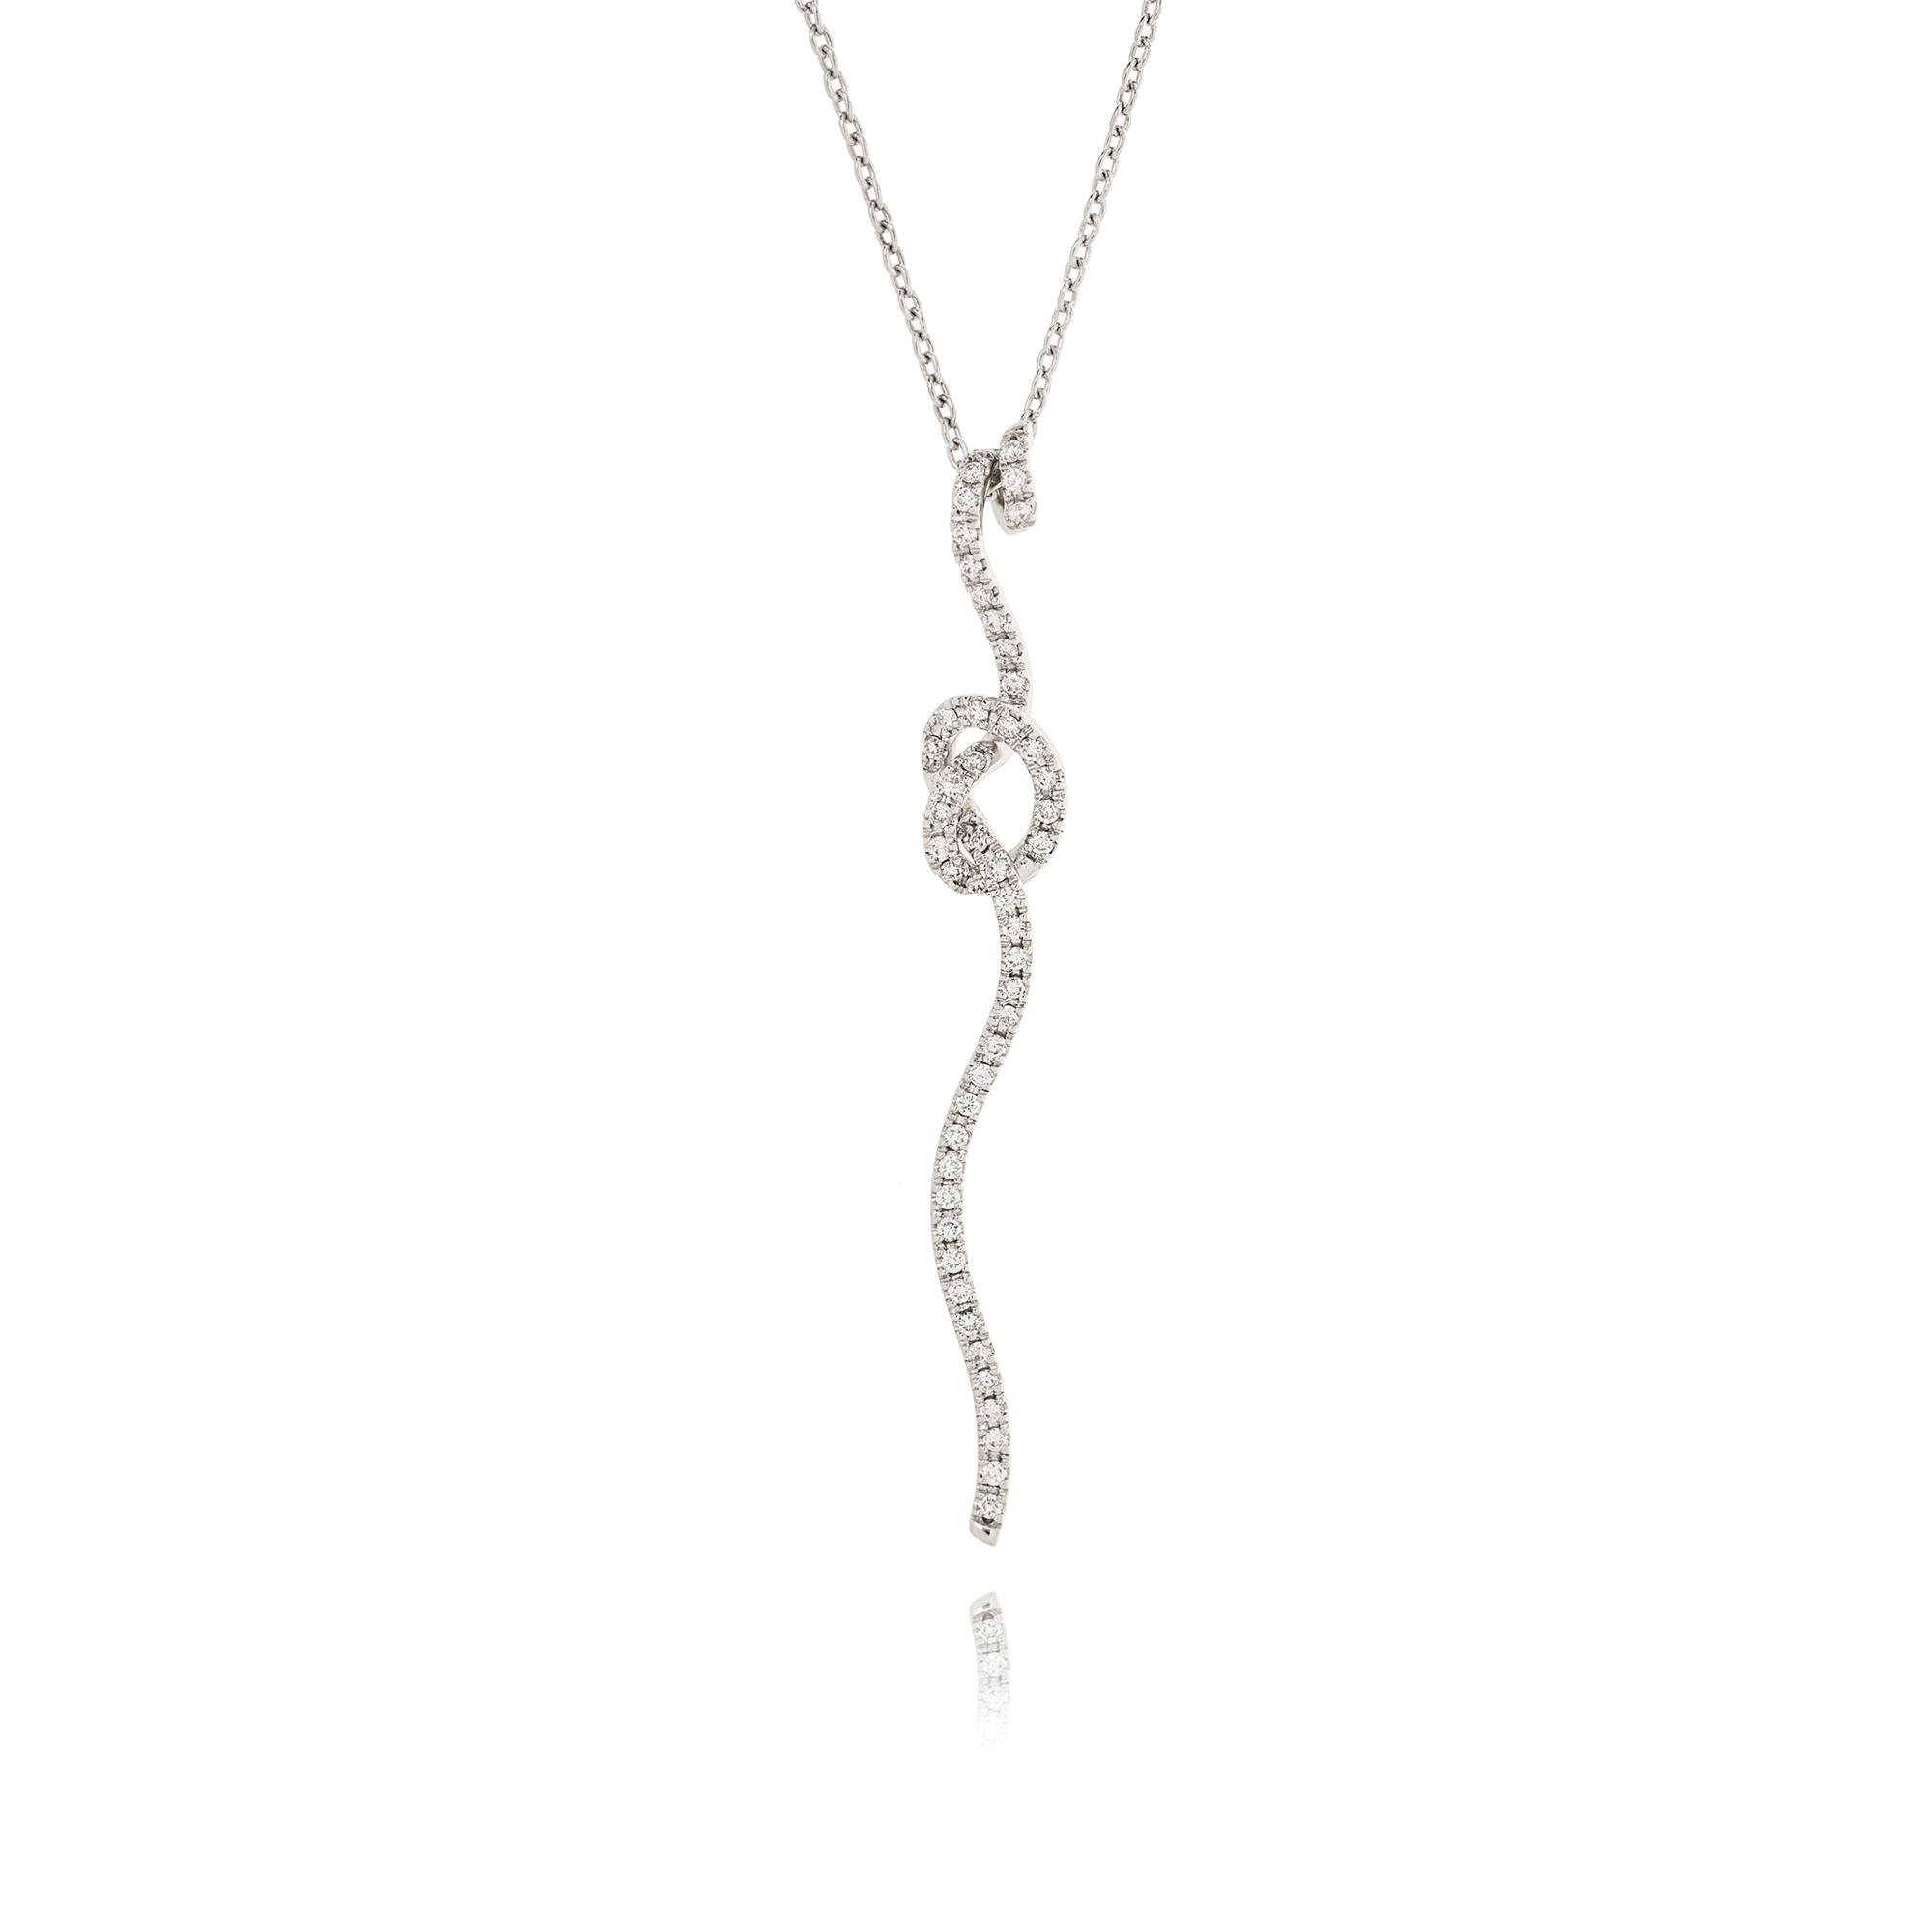 Pendant nastri nodo white gold 18kt with diamonds